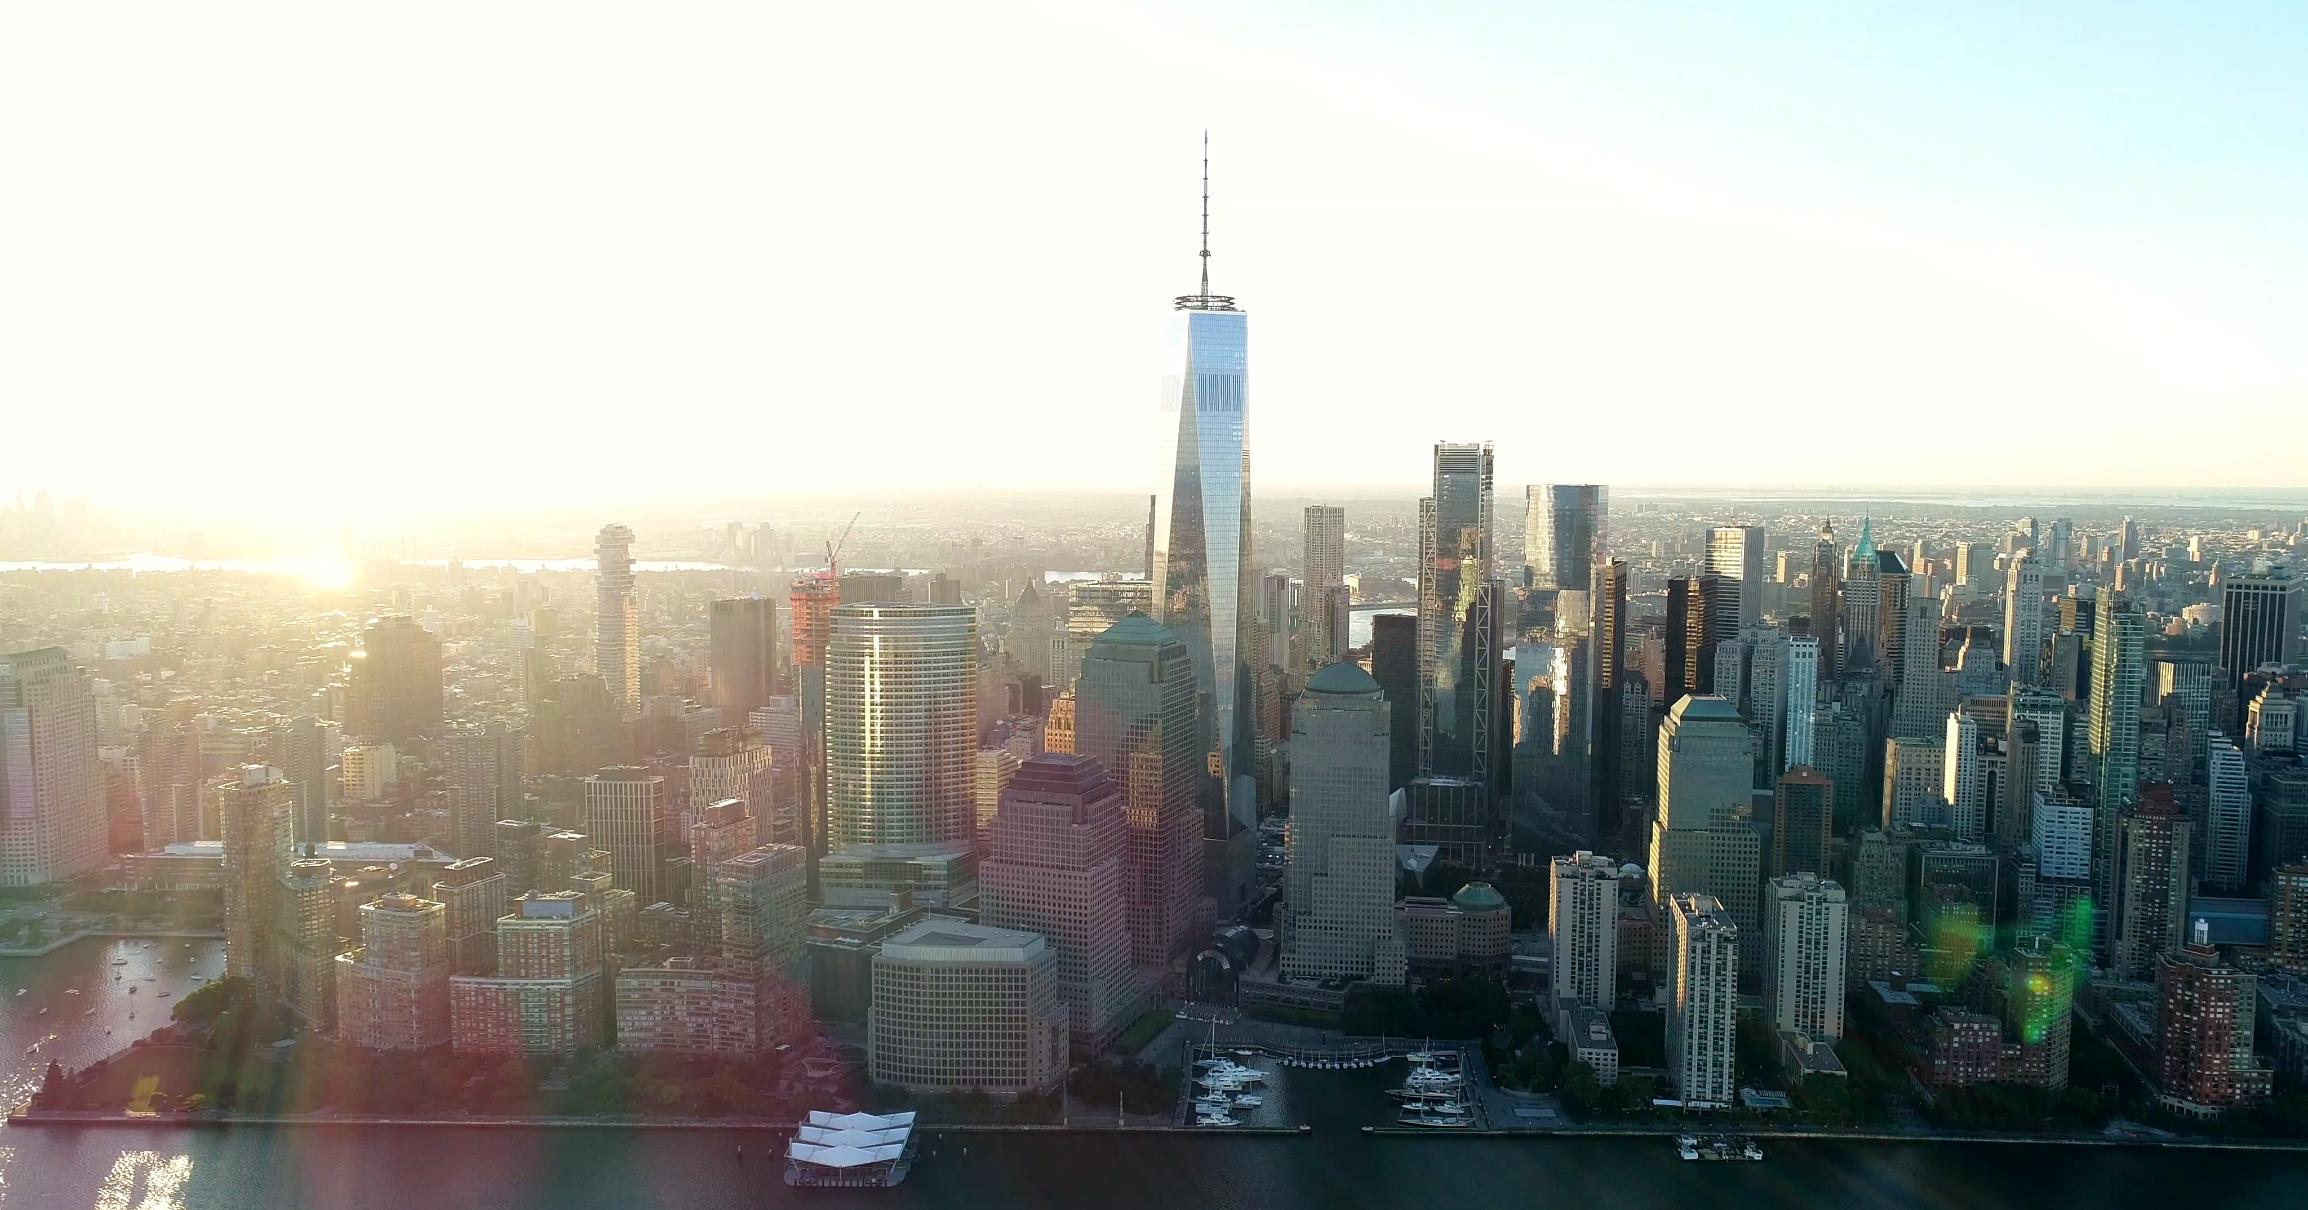 WESTFIELD USA - WORLD TRADE CENTER : FILM UPDATE - ATOMIC VERSION !